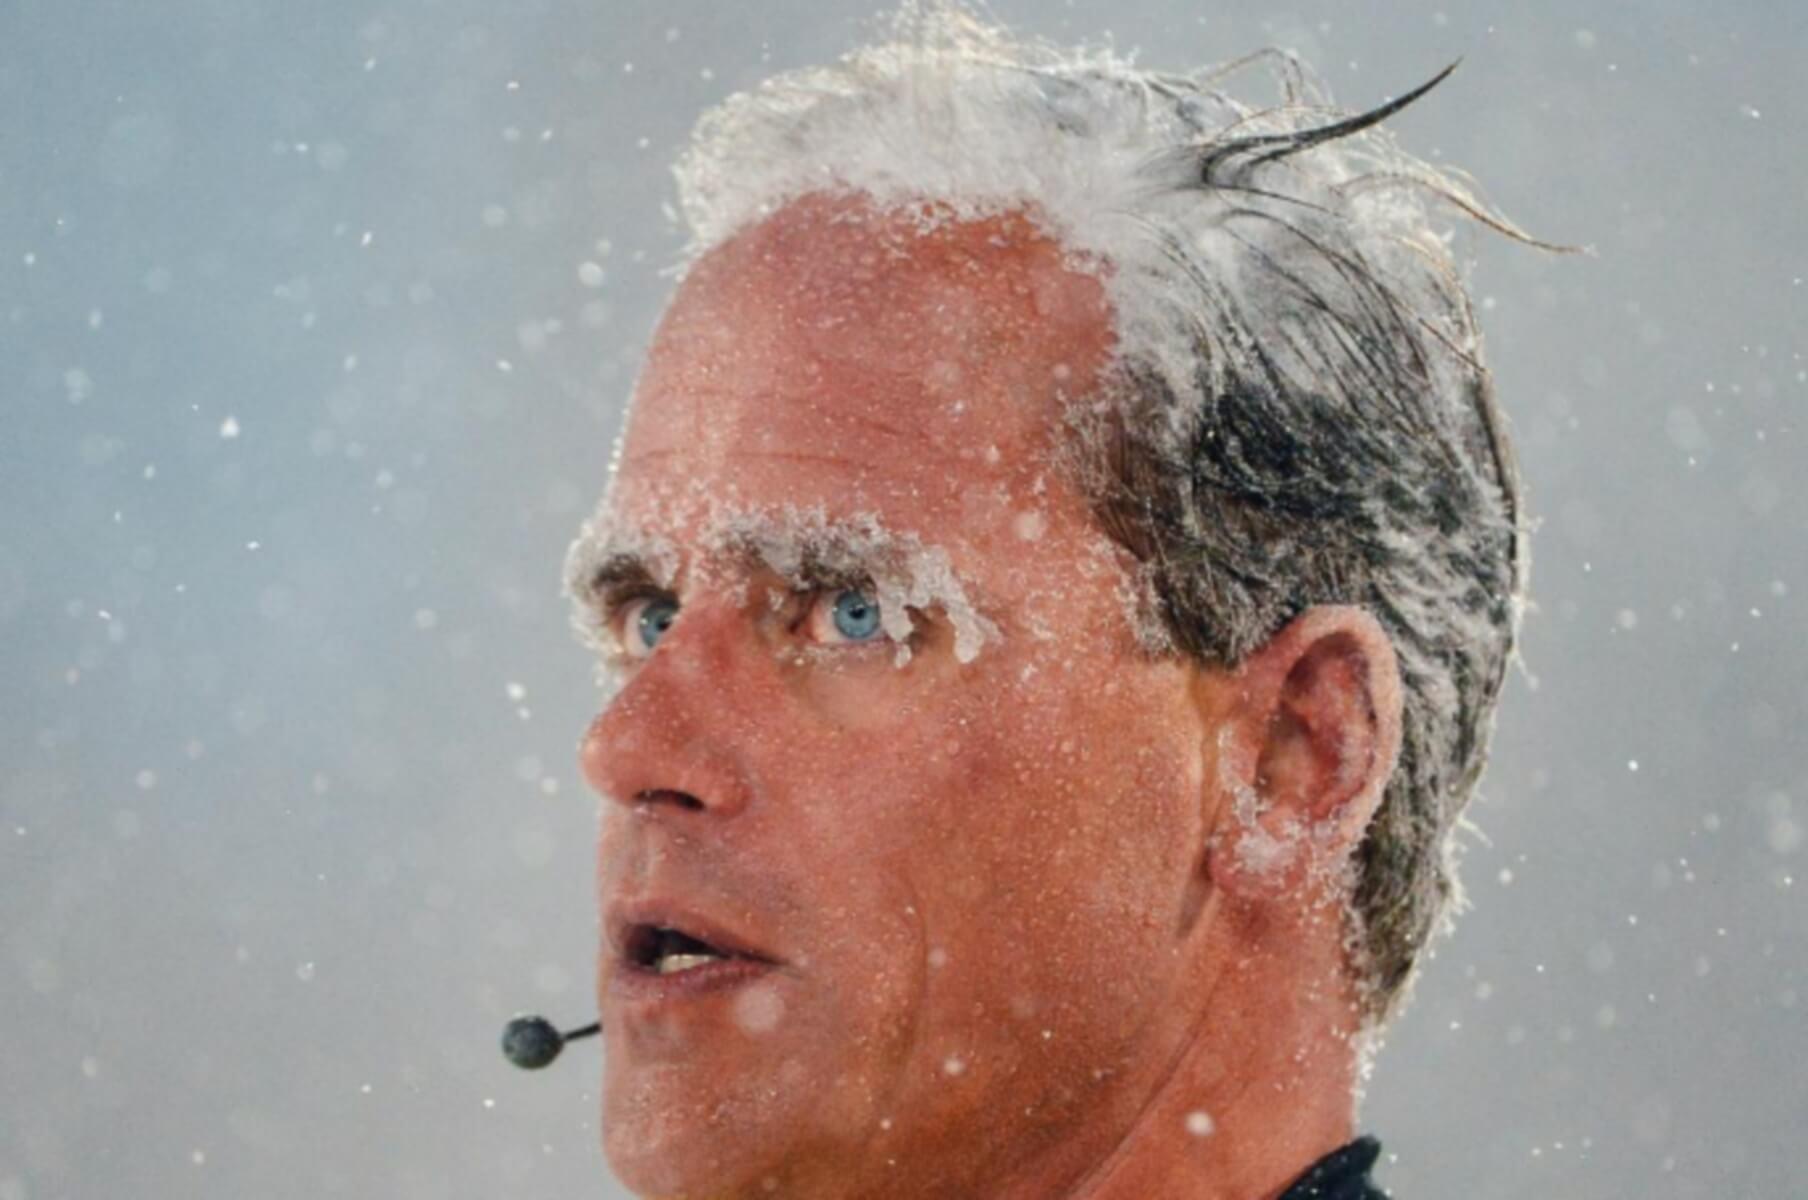 """""""Παγωμένος"""" διαιτητής! Συγκλονιστική εικόνα σε ποδοσφαιρικό αγώνα – video, pic"""